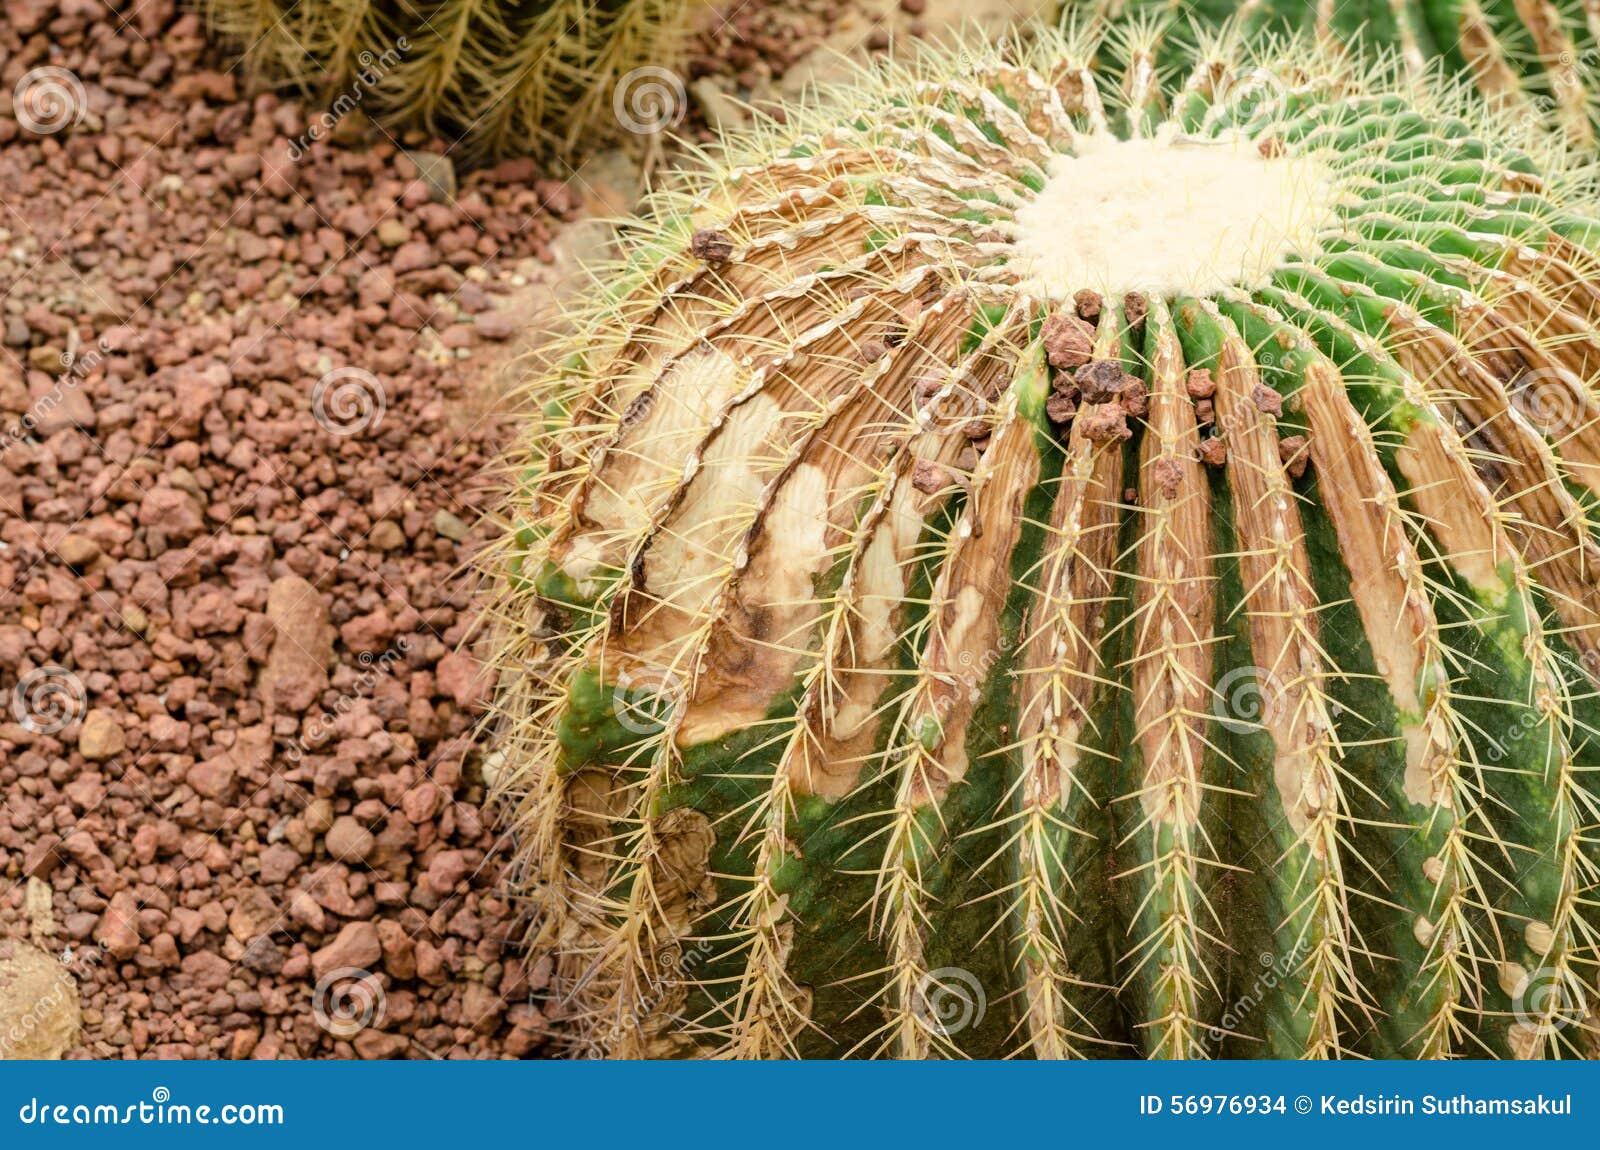 le cactus est une maladie fongique cactus de rouille photo stock image 56976934. Black Bedroom Furniture Sets. Home Design Ideas